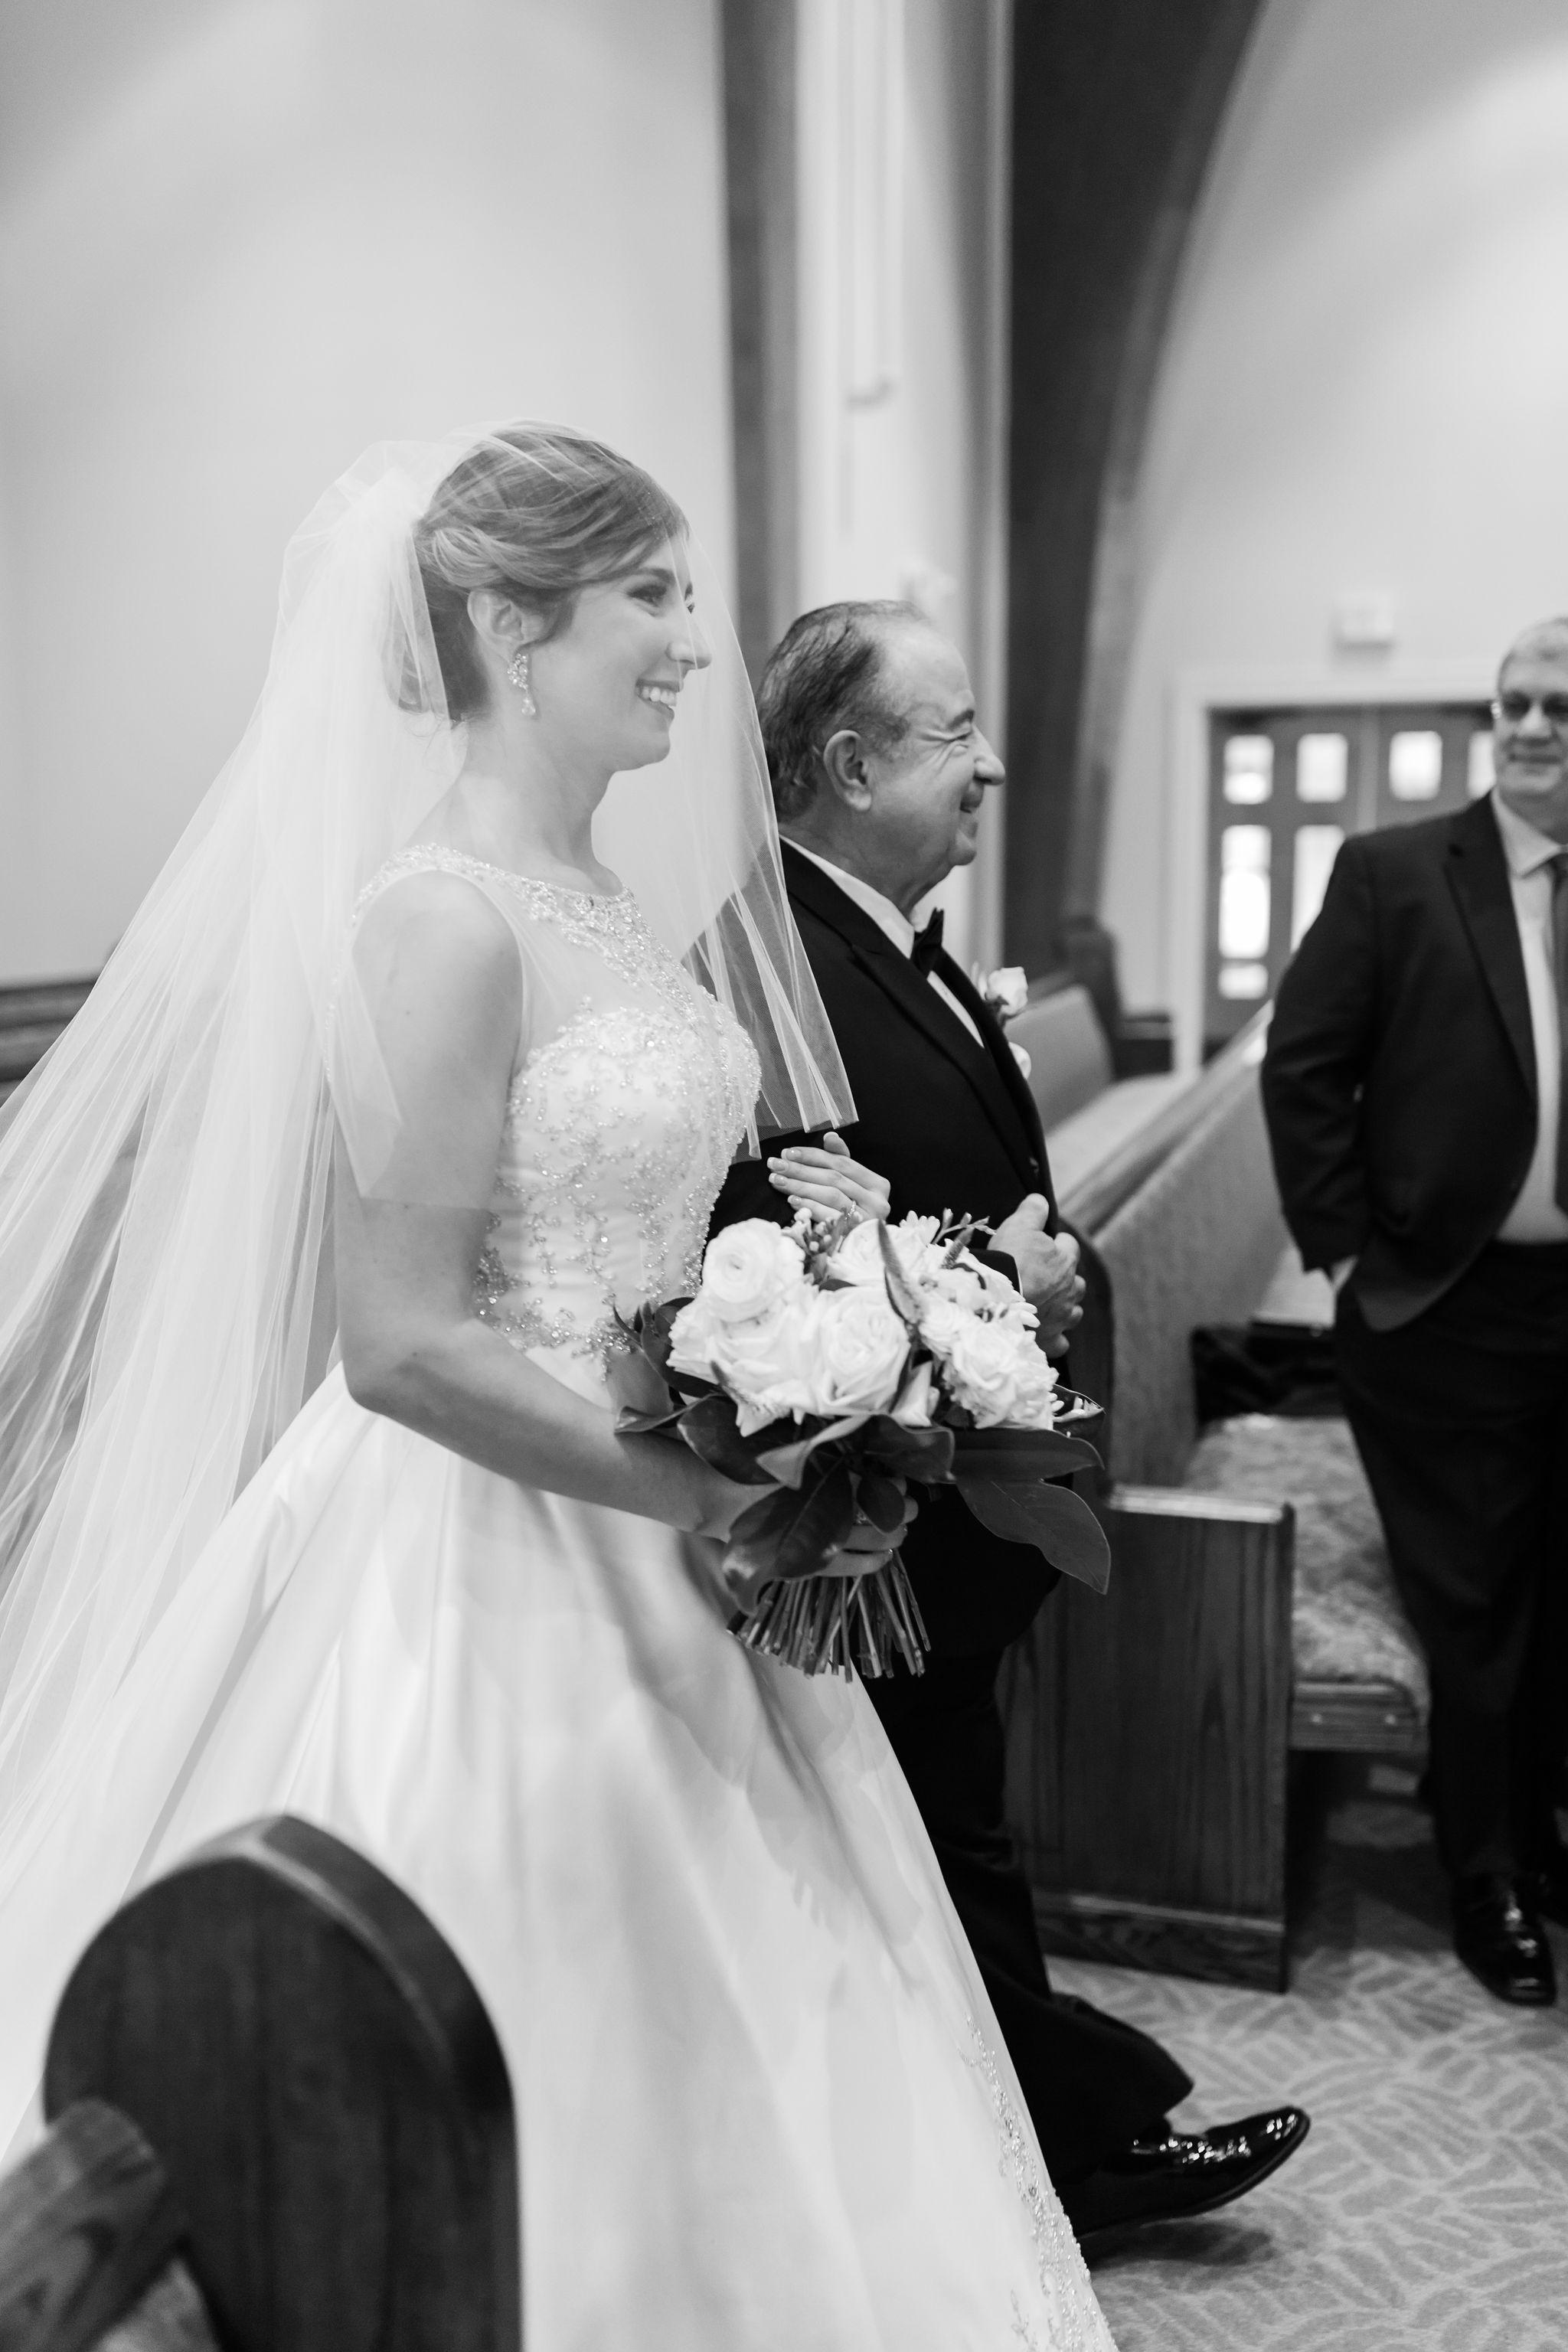 SavannahEvePhotography-Bottiglion-ScopeWedding-Ceremony-38.jpg